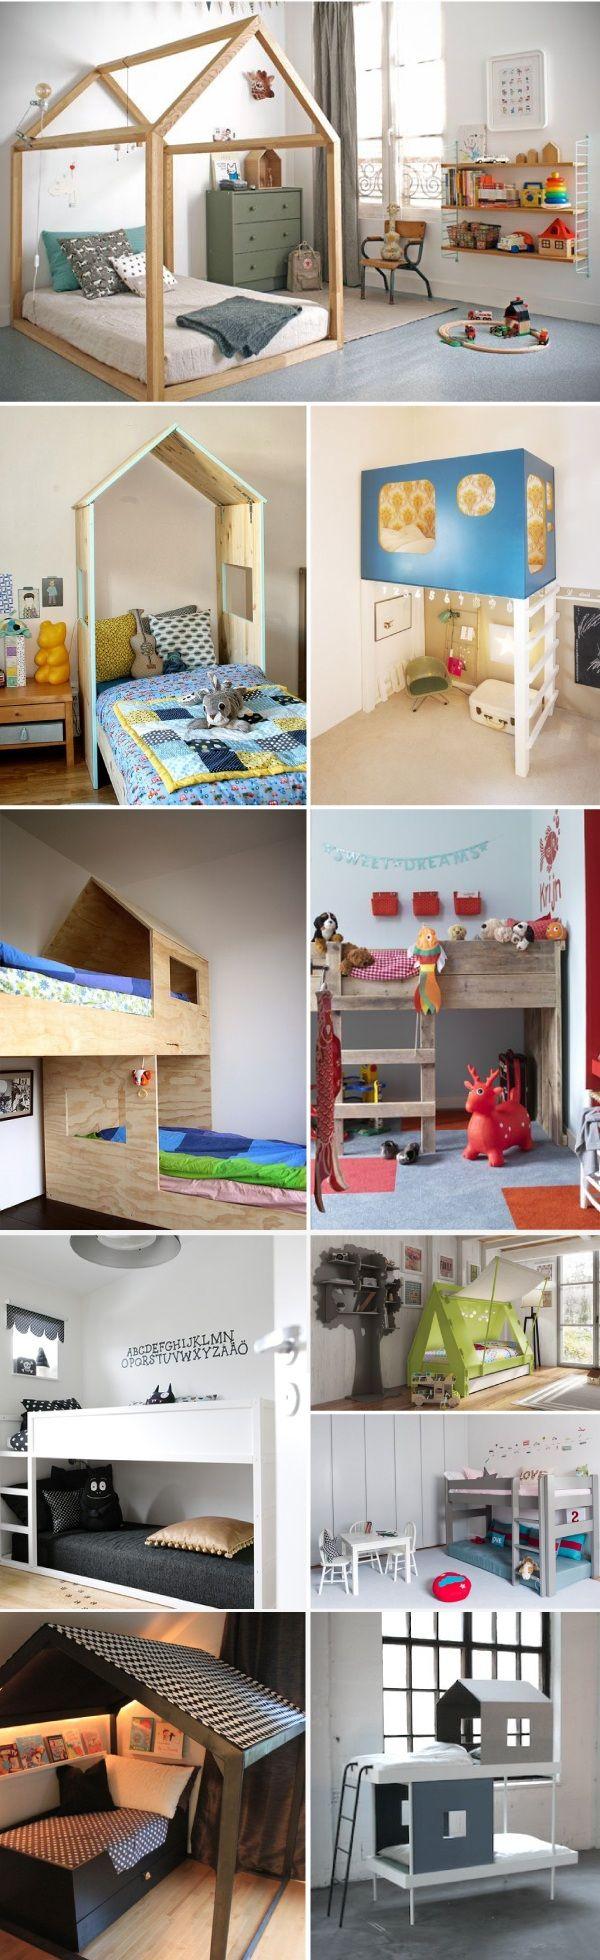 quarto de criança montessori